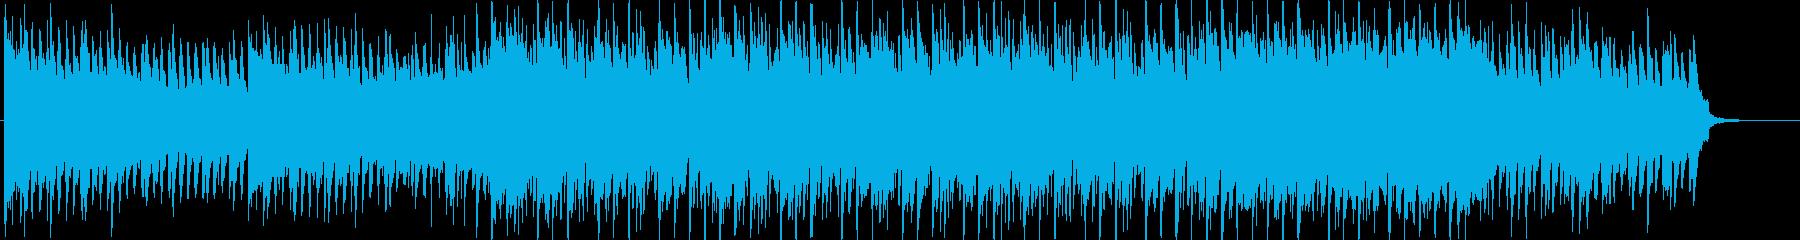 スピーディで爽快なサウンド♪の再生済みの波形